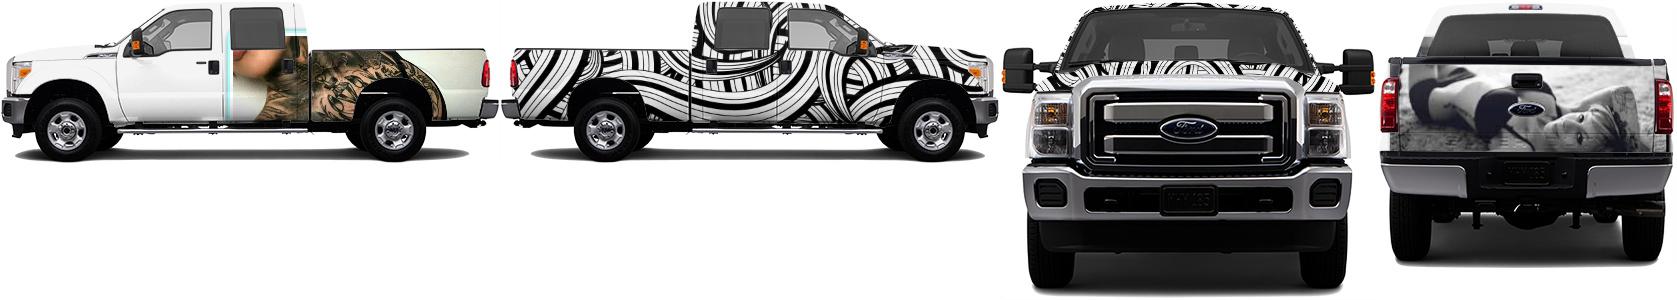 Truck Wrap #48510